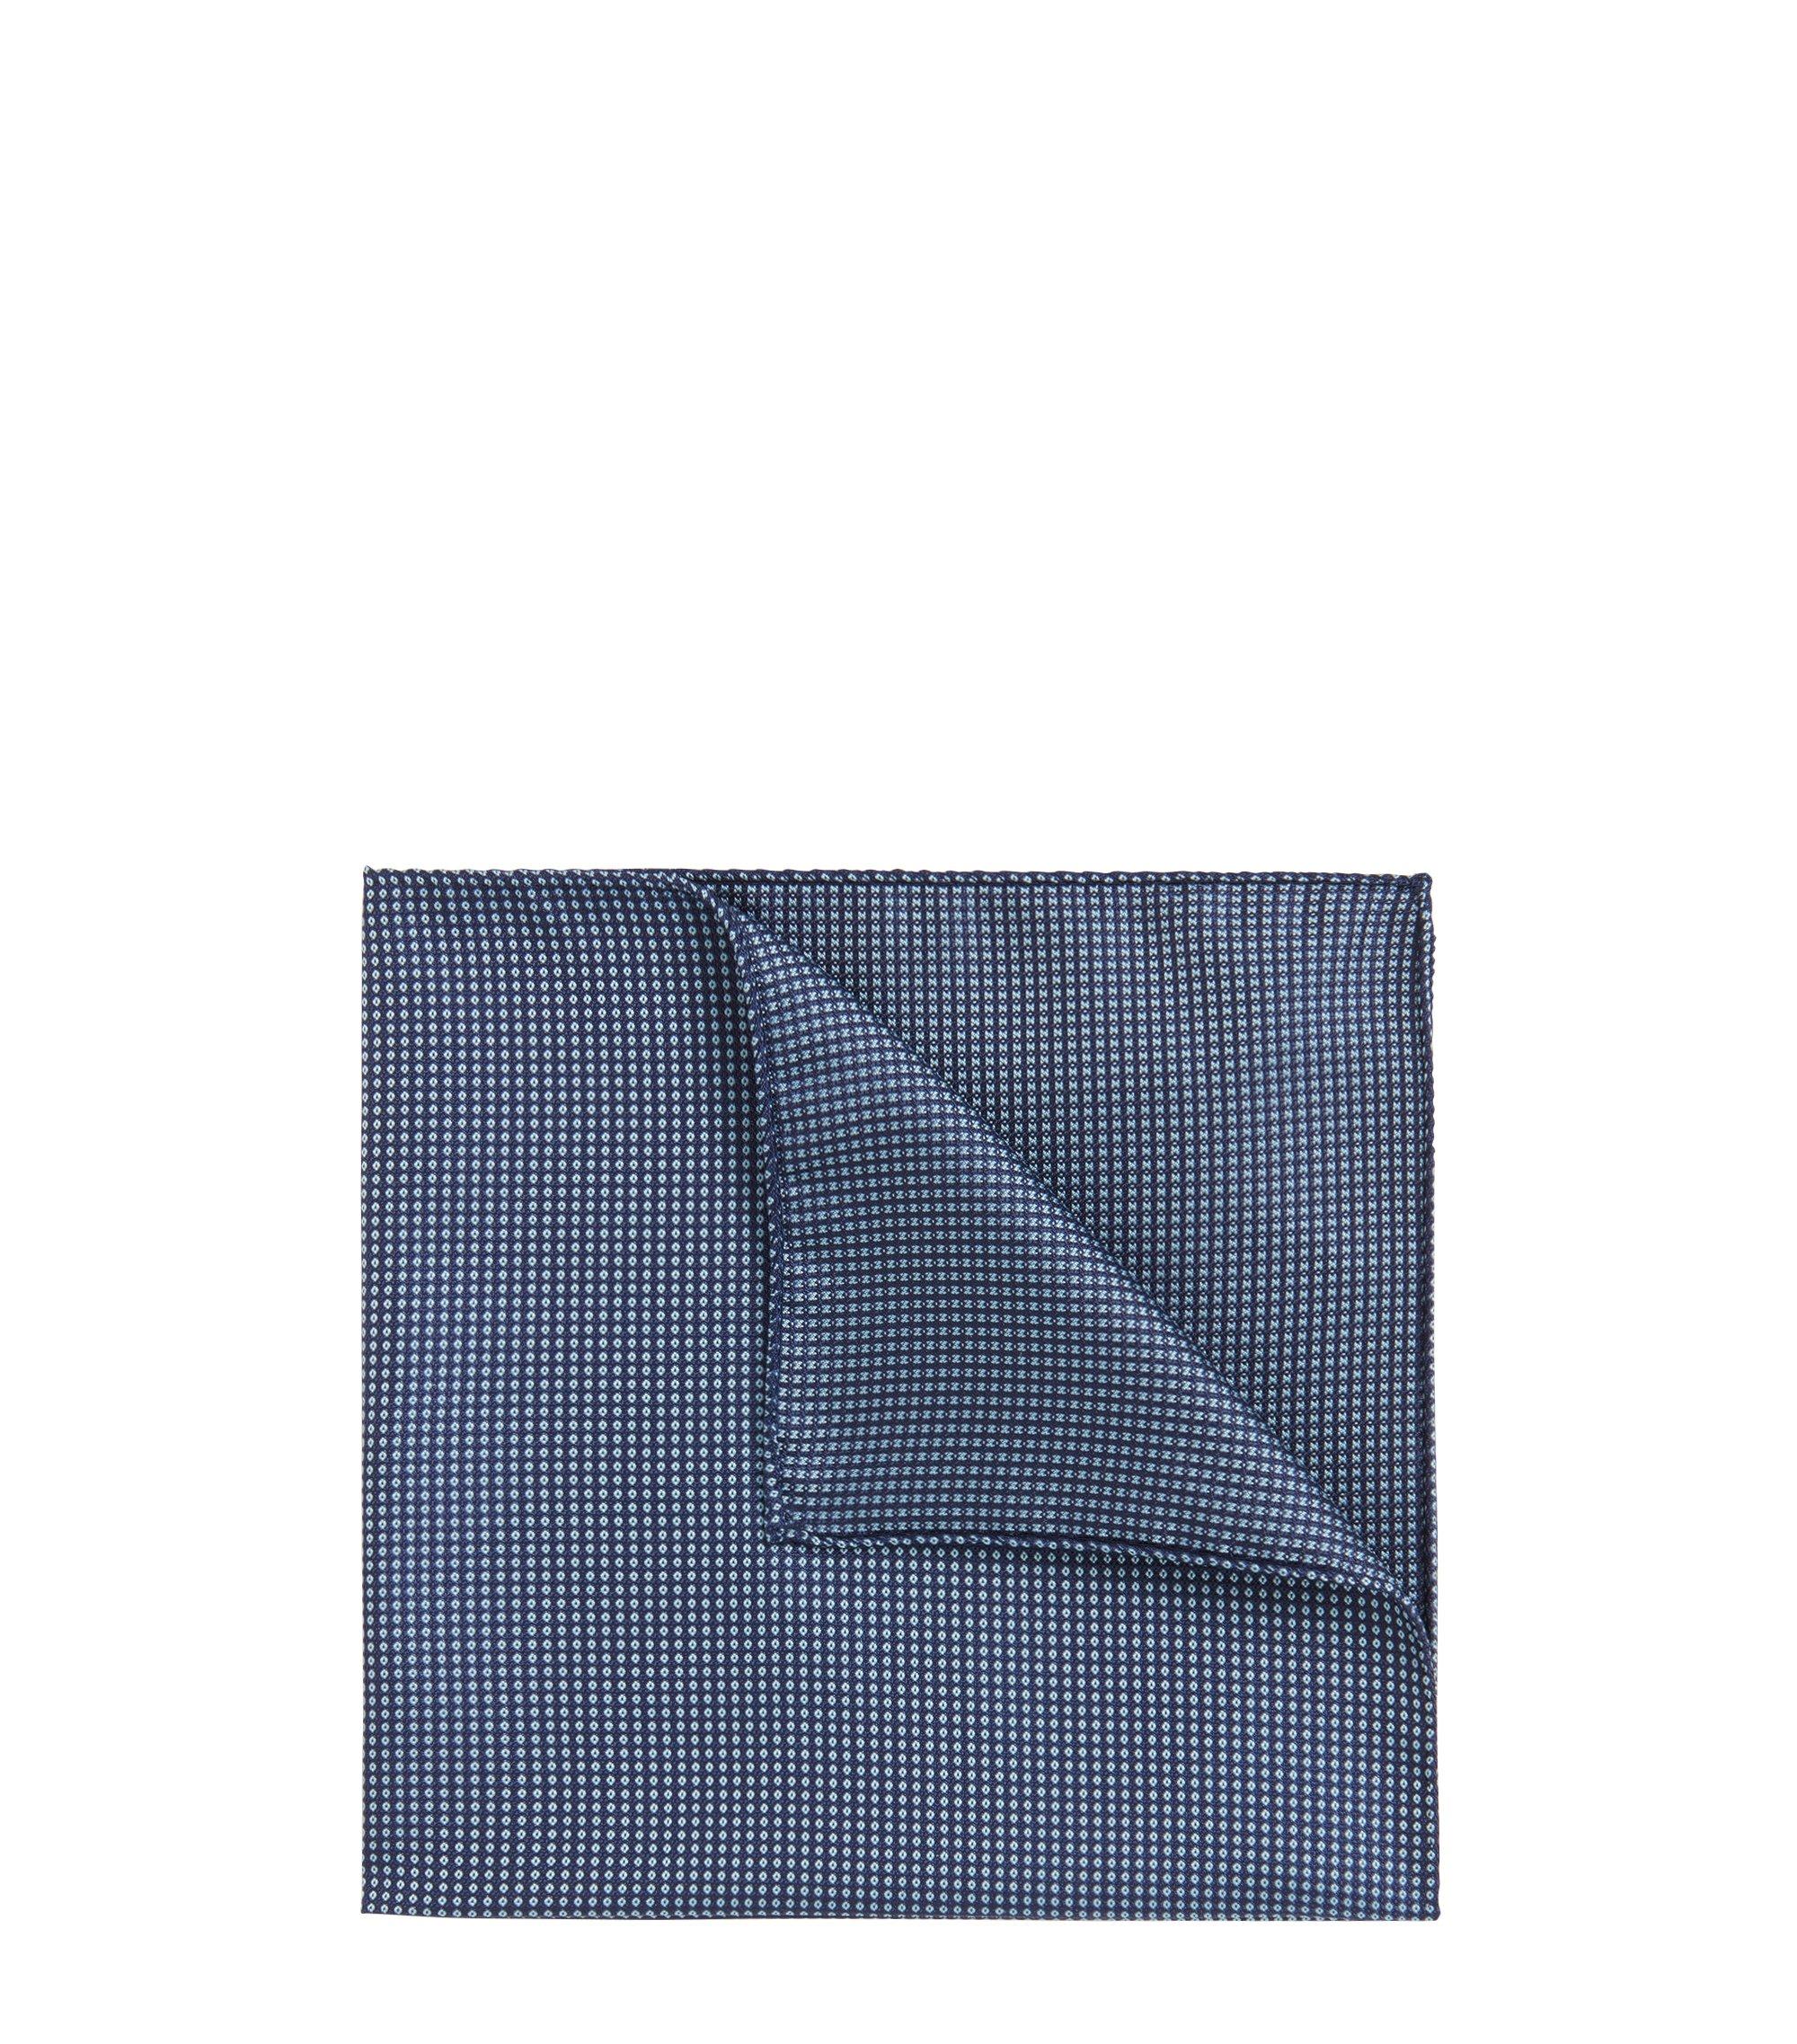 Pañuelo de bolsillo de fantasía en jacquard de seda, Azul oscuro